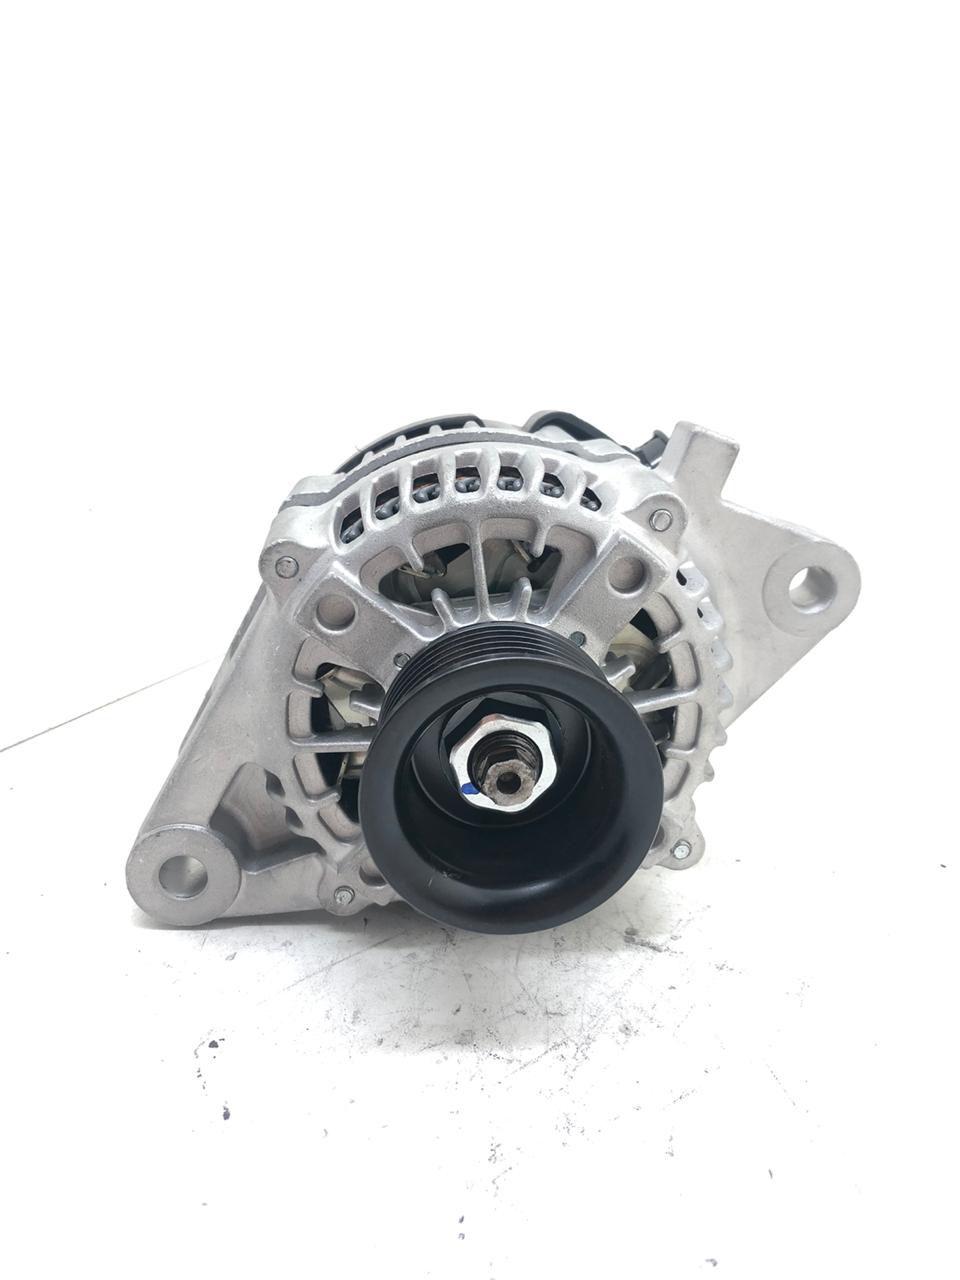 Alternador Toyota Hilux SW4 2.7 Flex  Denso 14v 90 amp 270600C021 270600C040 27060OC020 TG10421109000 TG1042109361 E 70042 D 10400 AEC21067